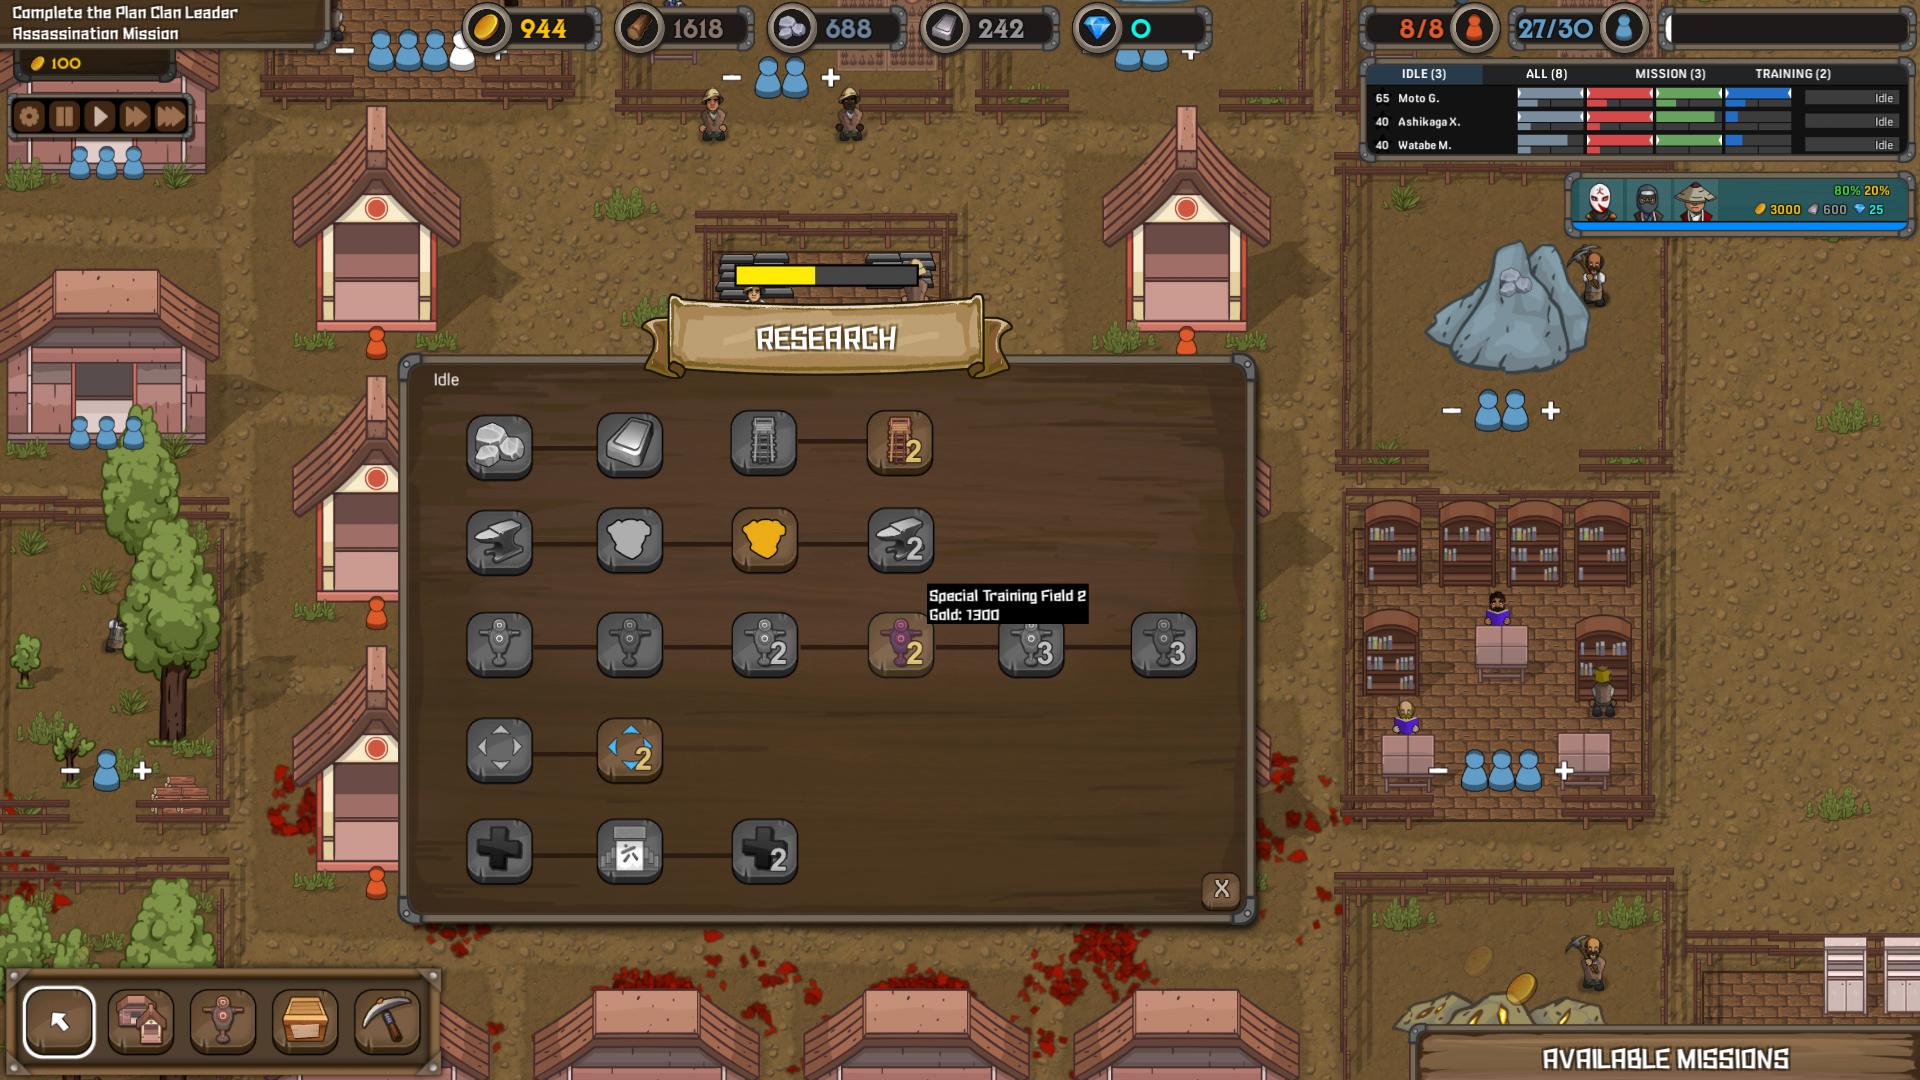 Amazon.com: Ninja Tycoon [Online Game Code]: Video Games